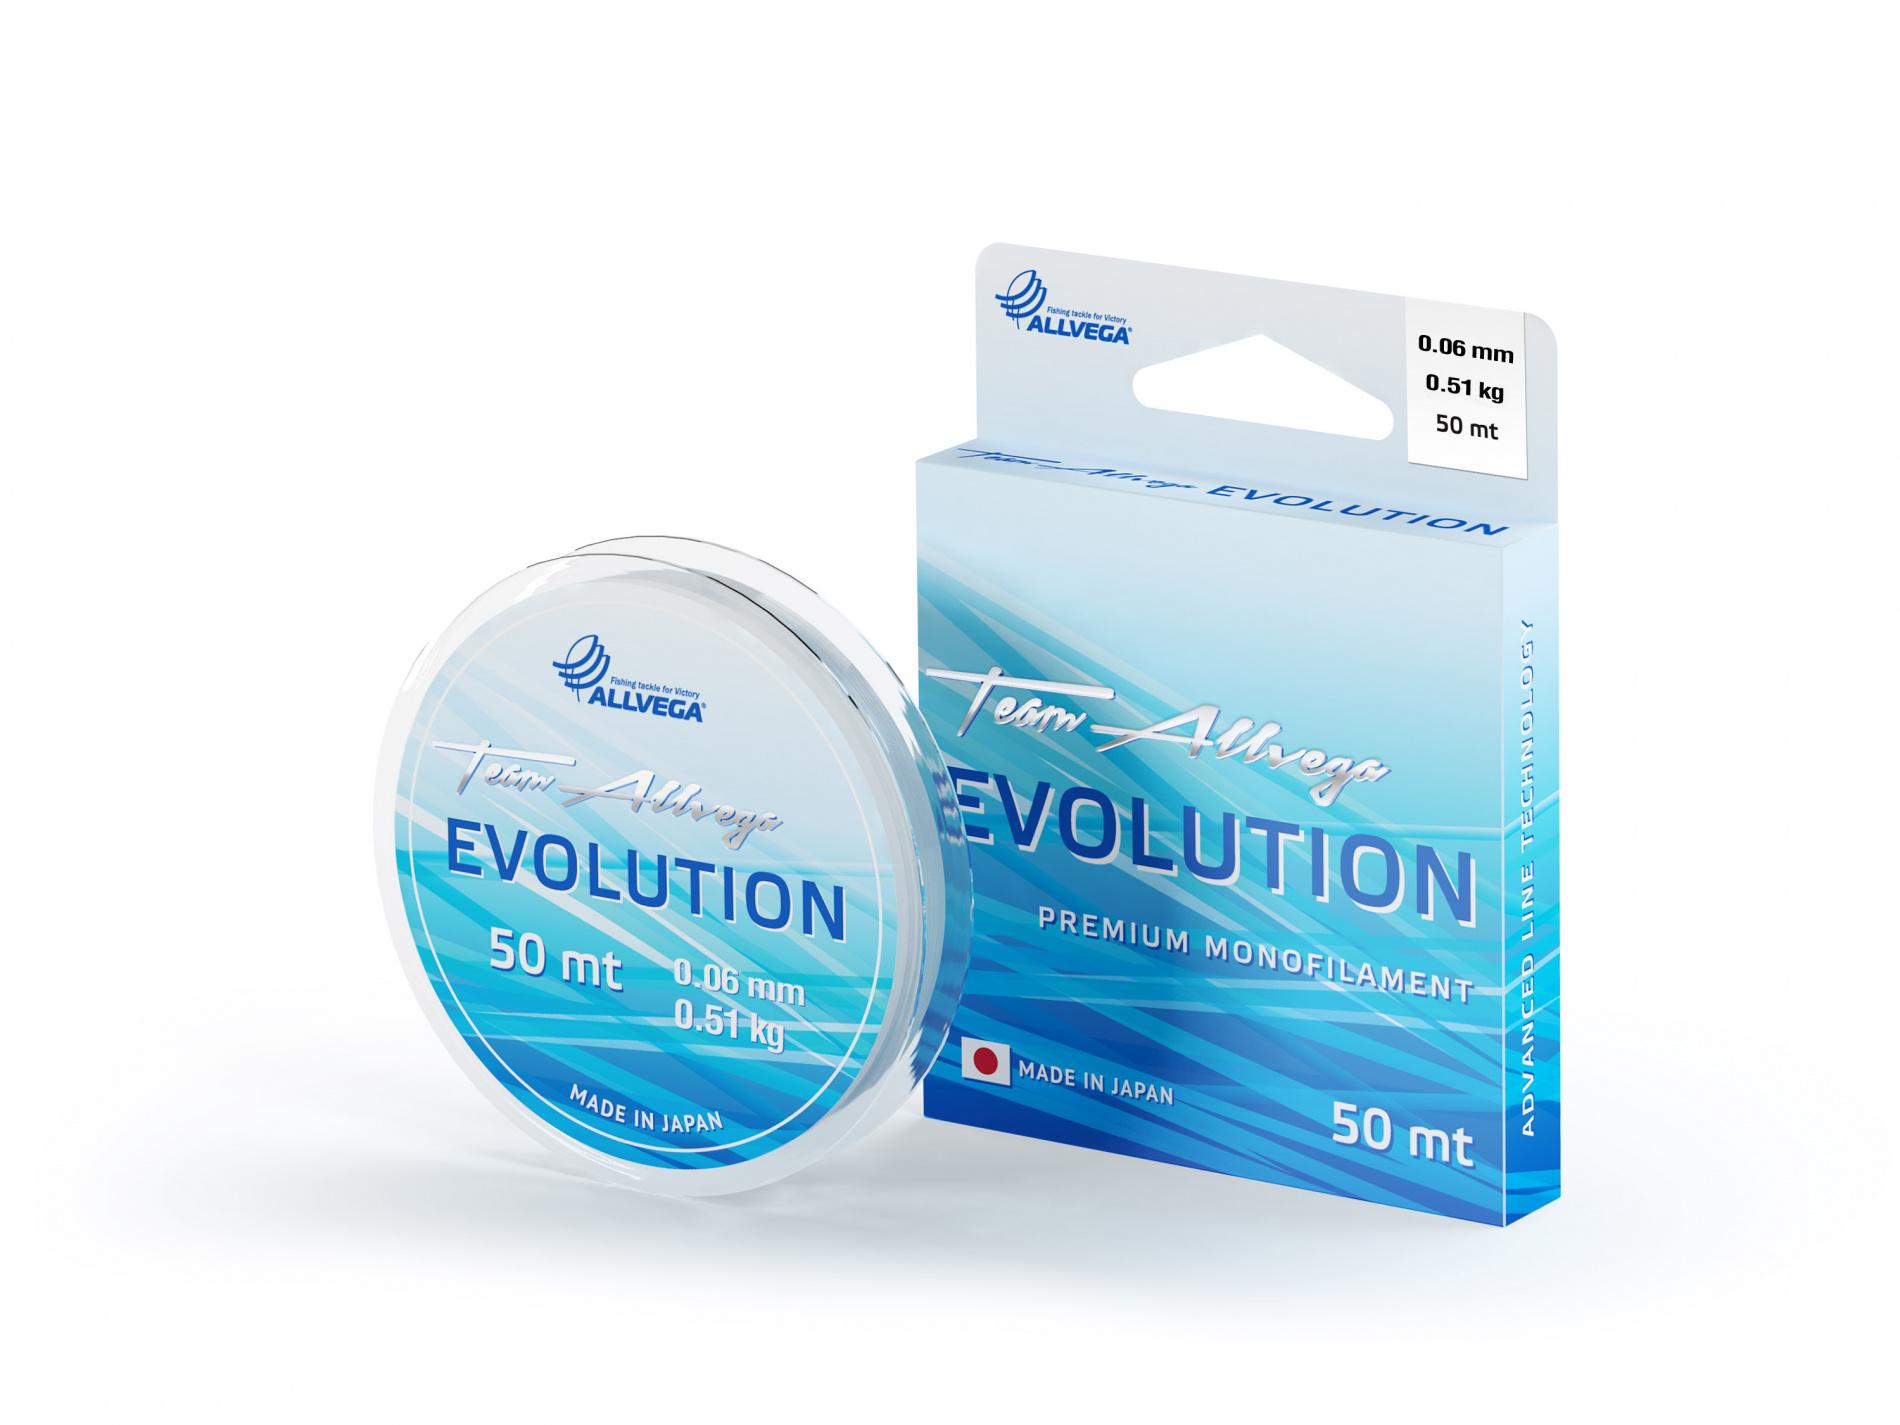 Леска ALLVEGA Evolution 0,06мм (50м) (0,51кг) (прозрачная)Леска монофильная<br>Леска EVOLUTION - это результат интеграции многолетнего <br>опыта европейских рыболовов-спортсменов <br>и современных японских технологий! Важнейшим <br>свойством лески является её однородность <br>и соответствие заявленному диаметру. Если <br>появляется неравномерность в калибровке <br>лески и искажается идеальная окружность <br>в сечении, это ведет к потере однородности <br>лески и ослабляет её. В этом смысле, на сегодняшний <br>день леска EVOLUTION имеет наиболее однородную <br>структуру. Из множества вариантов мы выбираем <br>новейшее и наиболее подходящее сырьё, чтобы <br>добиться исключительных характеристик <br>лески, выдержать оптимальный баланс между <br>прочностью и растяжимостью, и создать идеальный <br>продукт для любых условий ловли. Цвет прозрачный. <br>Сделана, размотана и упакована в Японии.<br><br>Сезон: лето